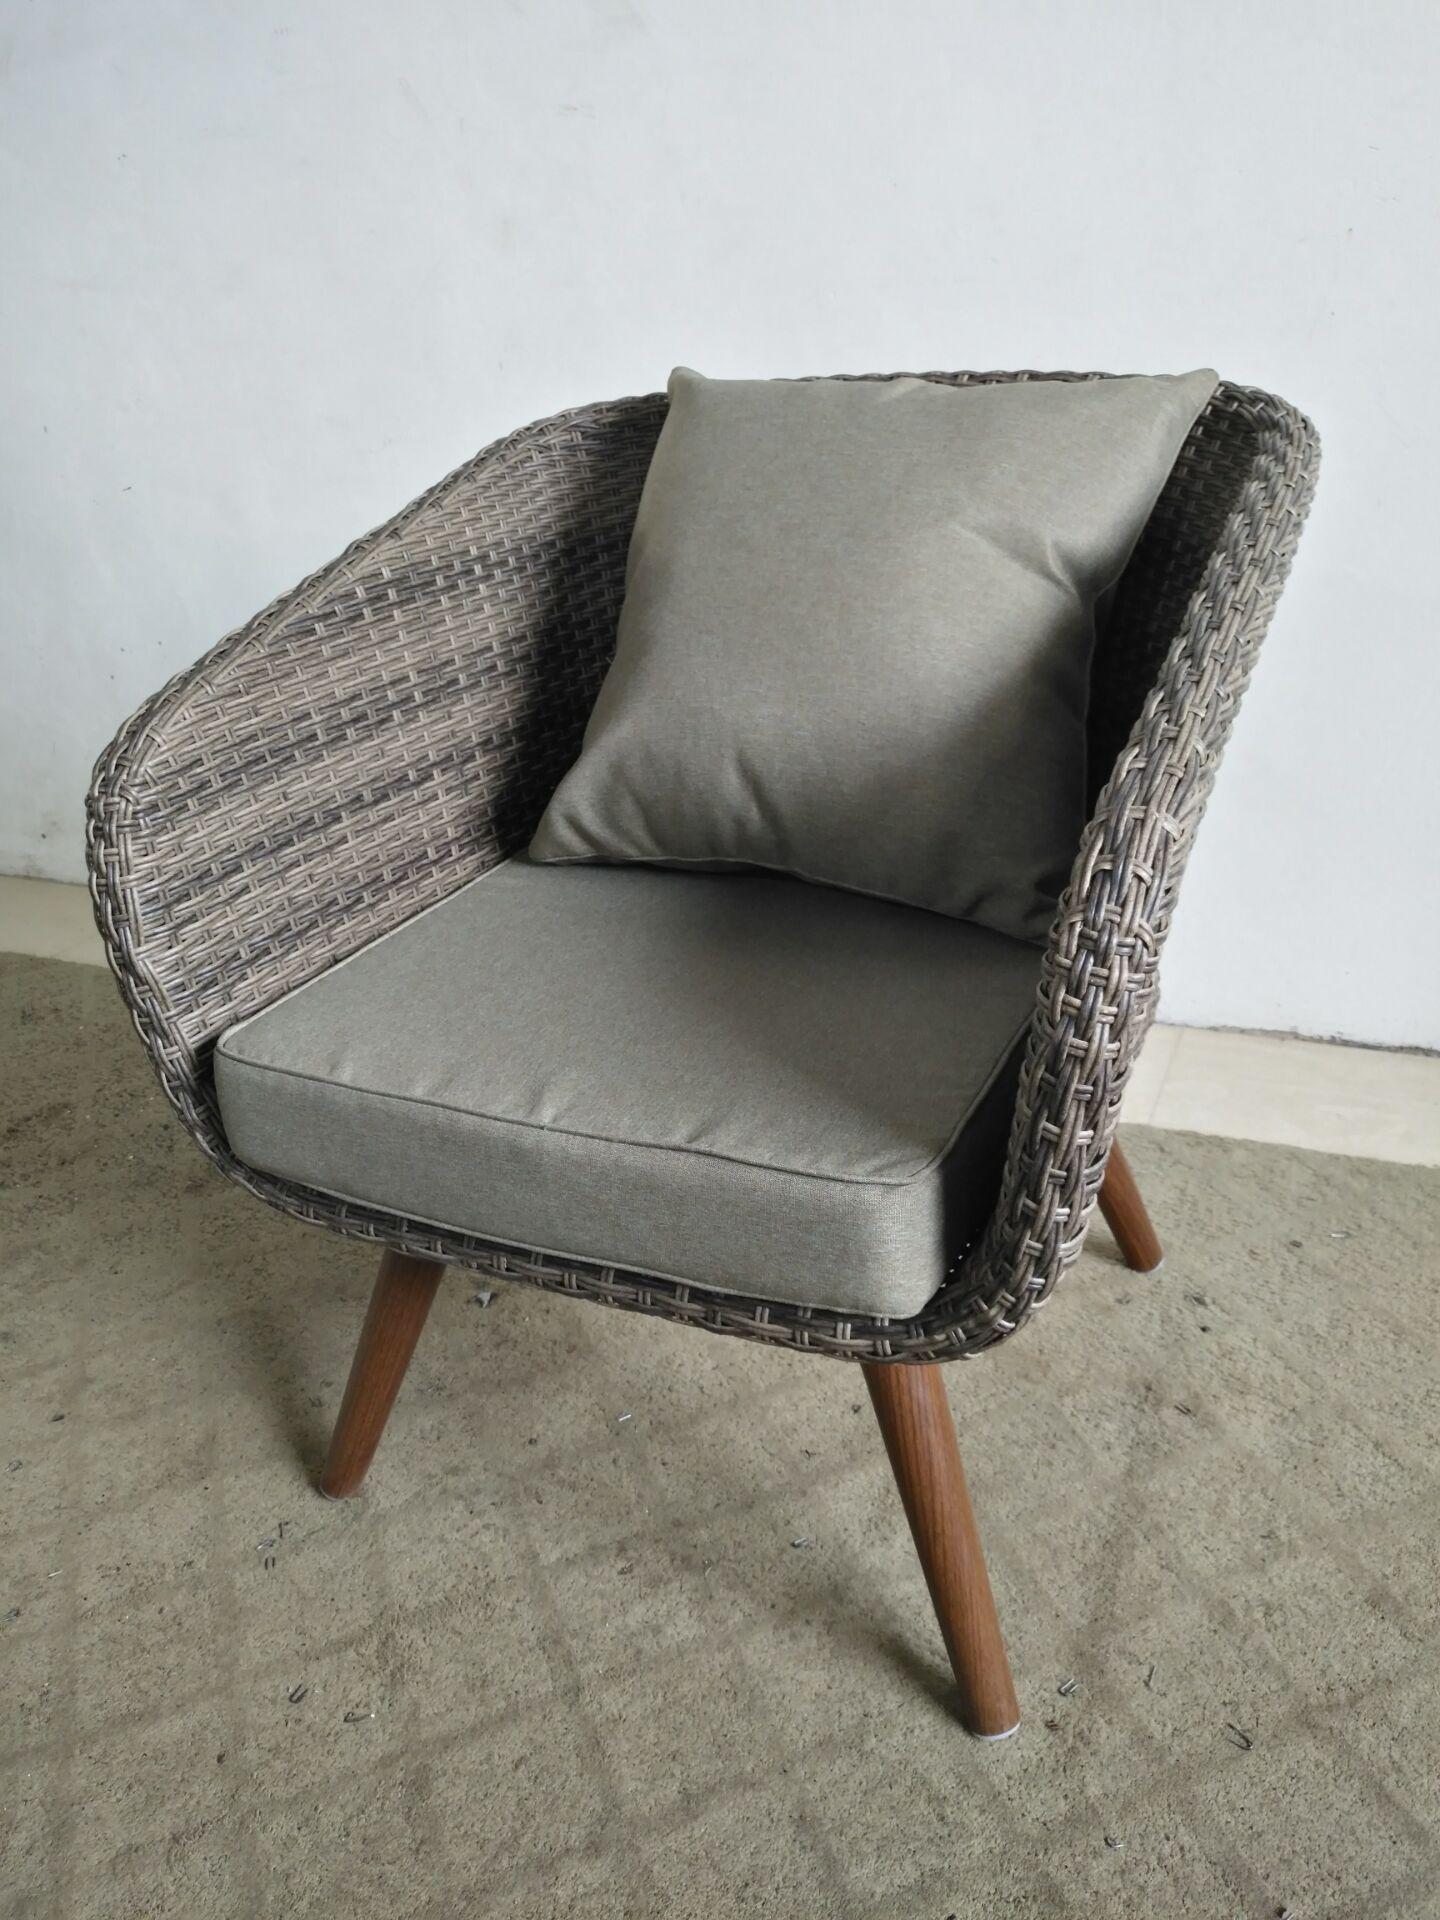 Высококачественный комплект диванов из ротанга в европейском стиле, удобная уличная мебель для дома, сада, патио